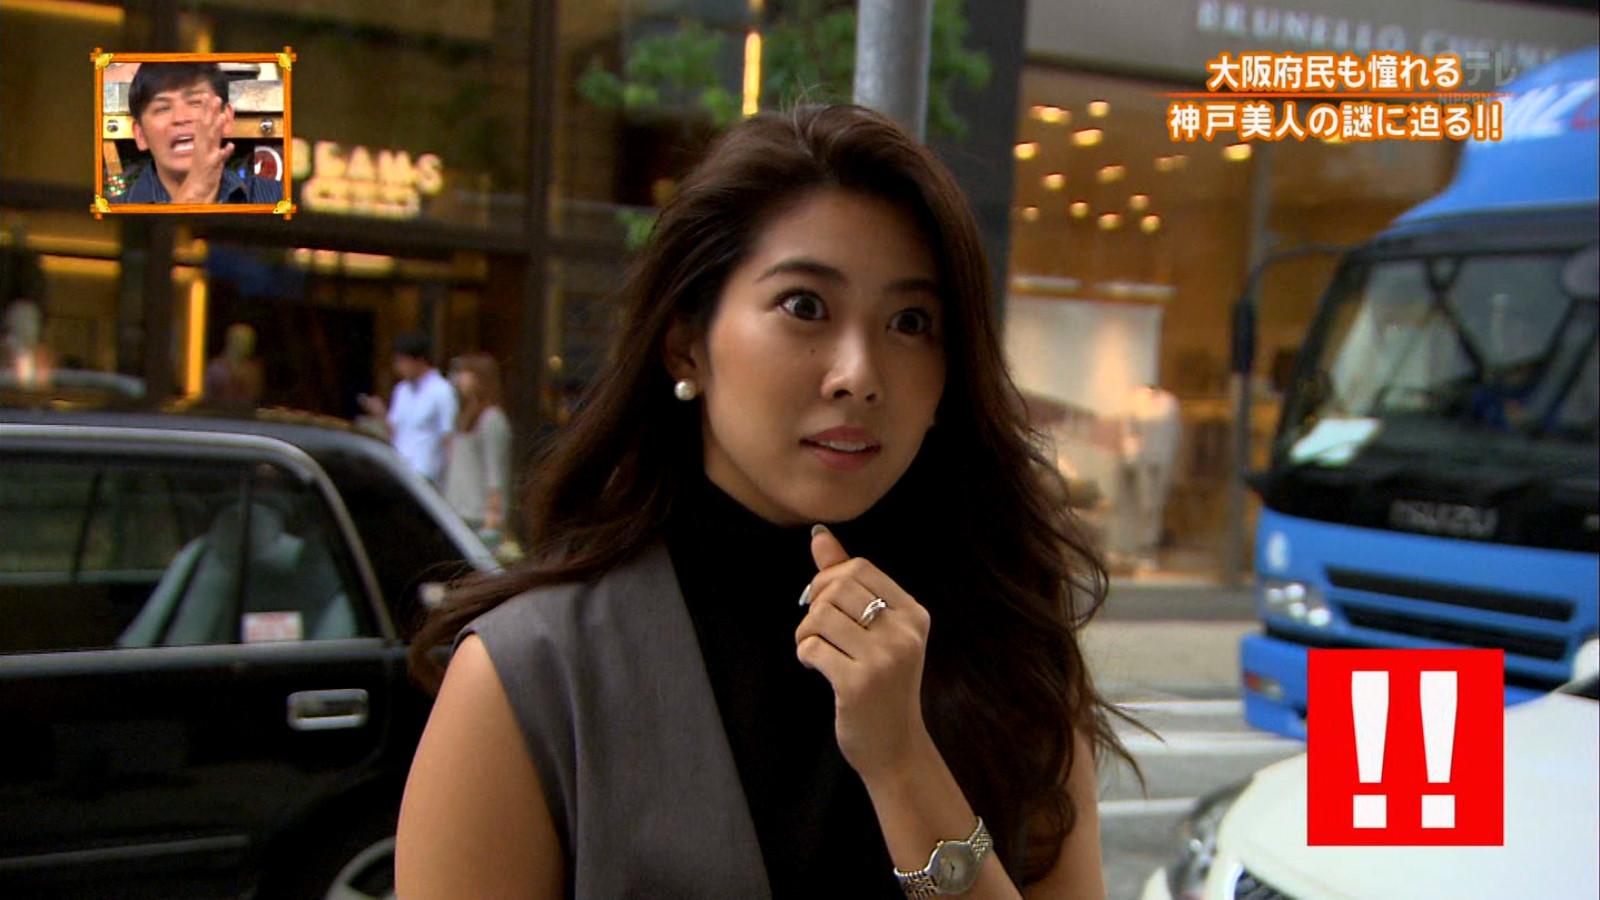 テレビに映った素人の可愛い女の子の画像が集まるスレ。 Yydkgqo